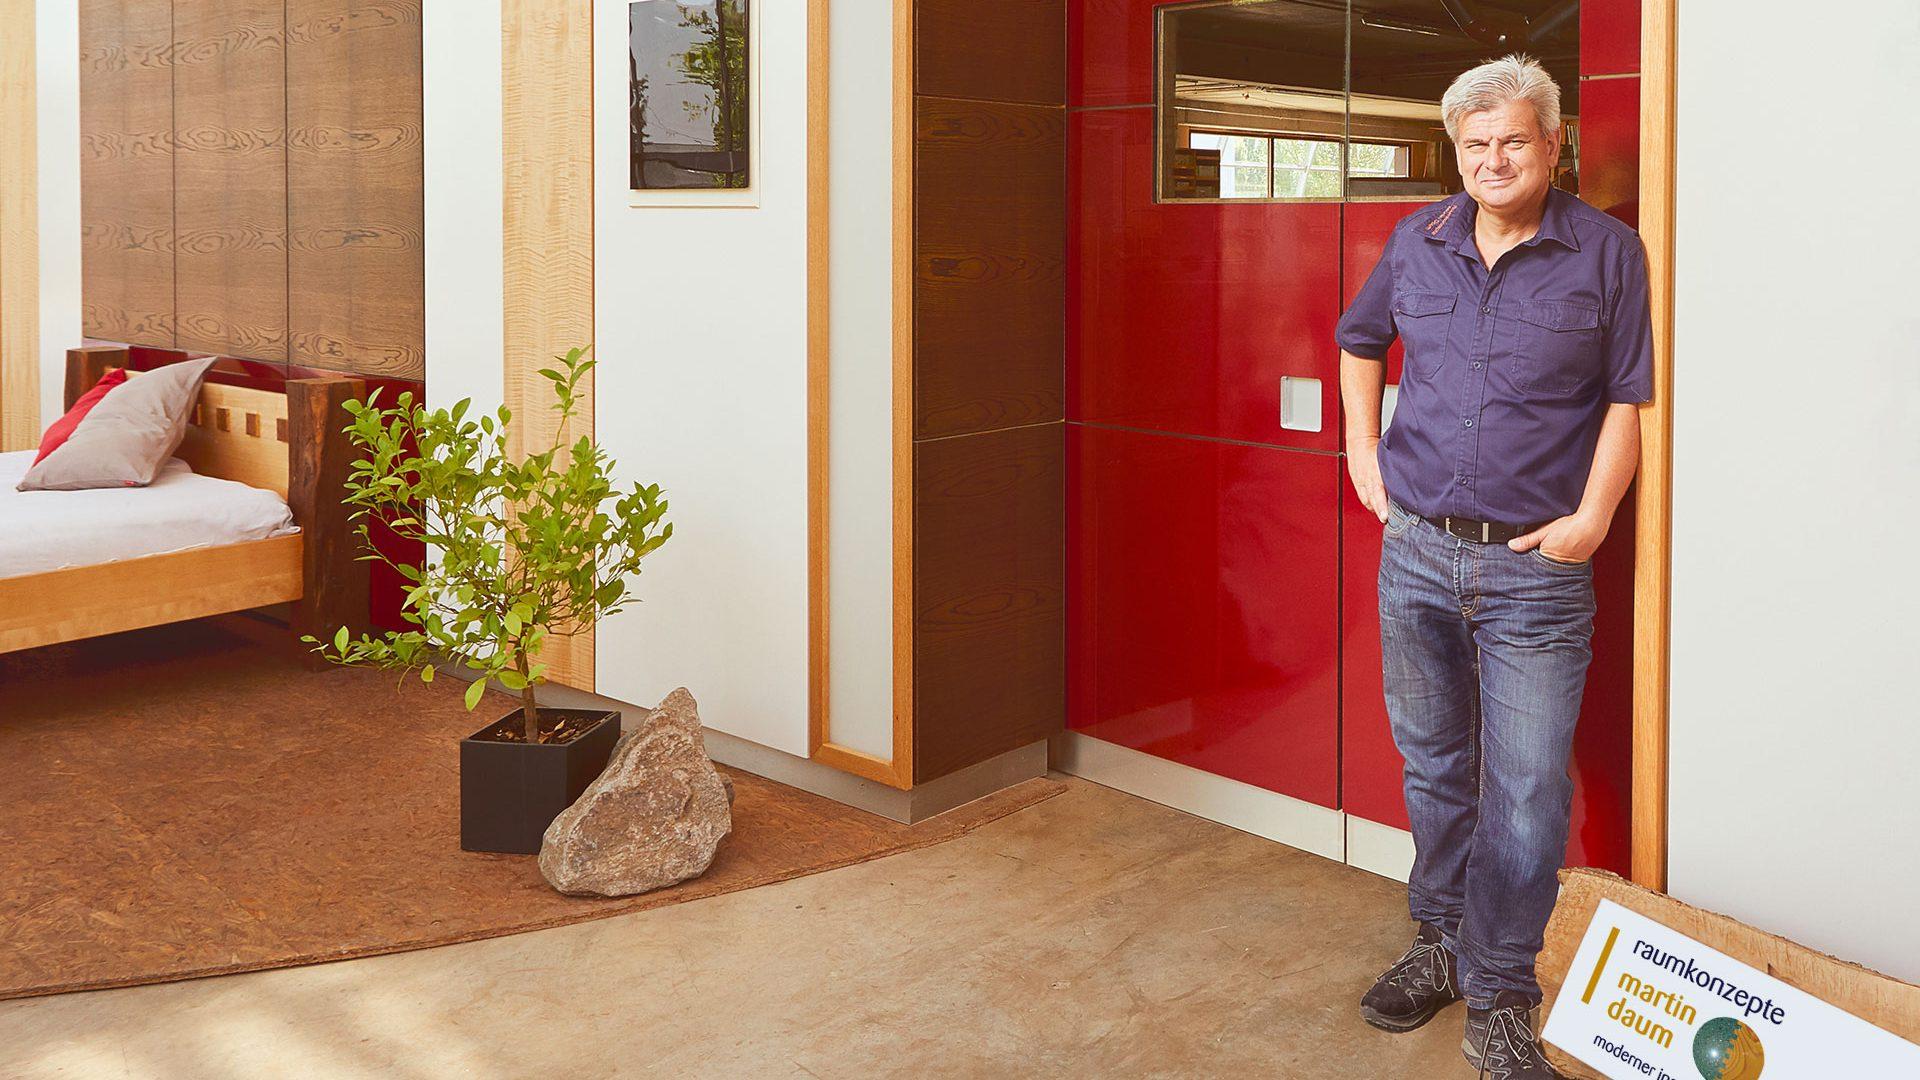 Herr Daum steht vor seiner Werkstatt von Raumkonzepte Daum